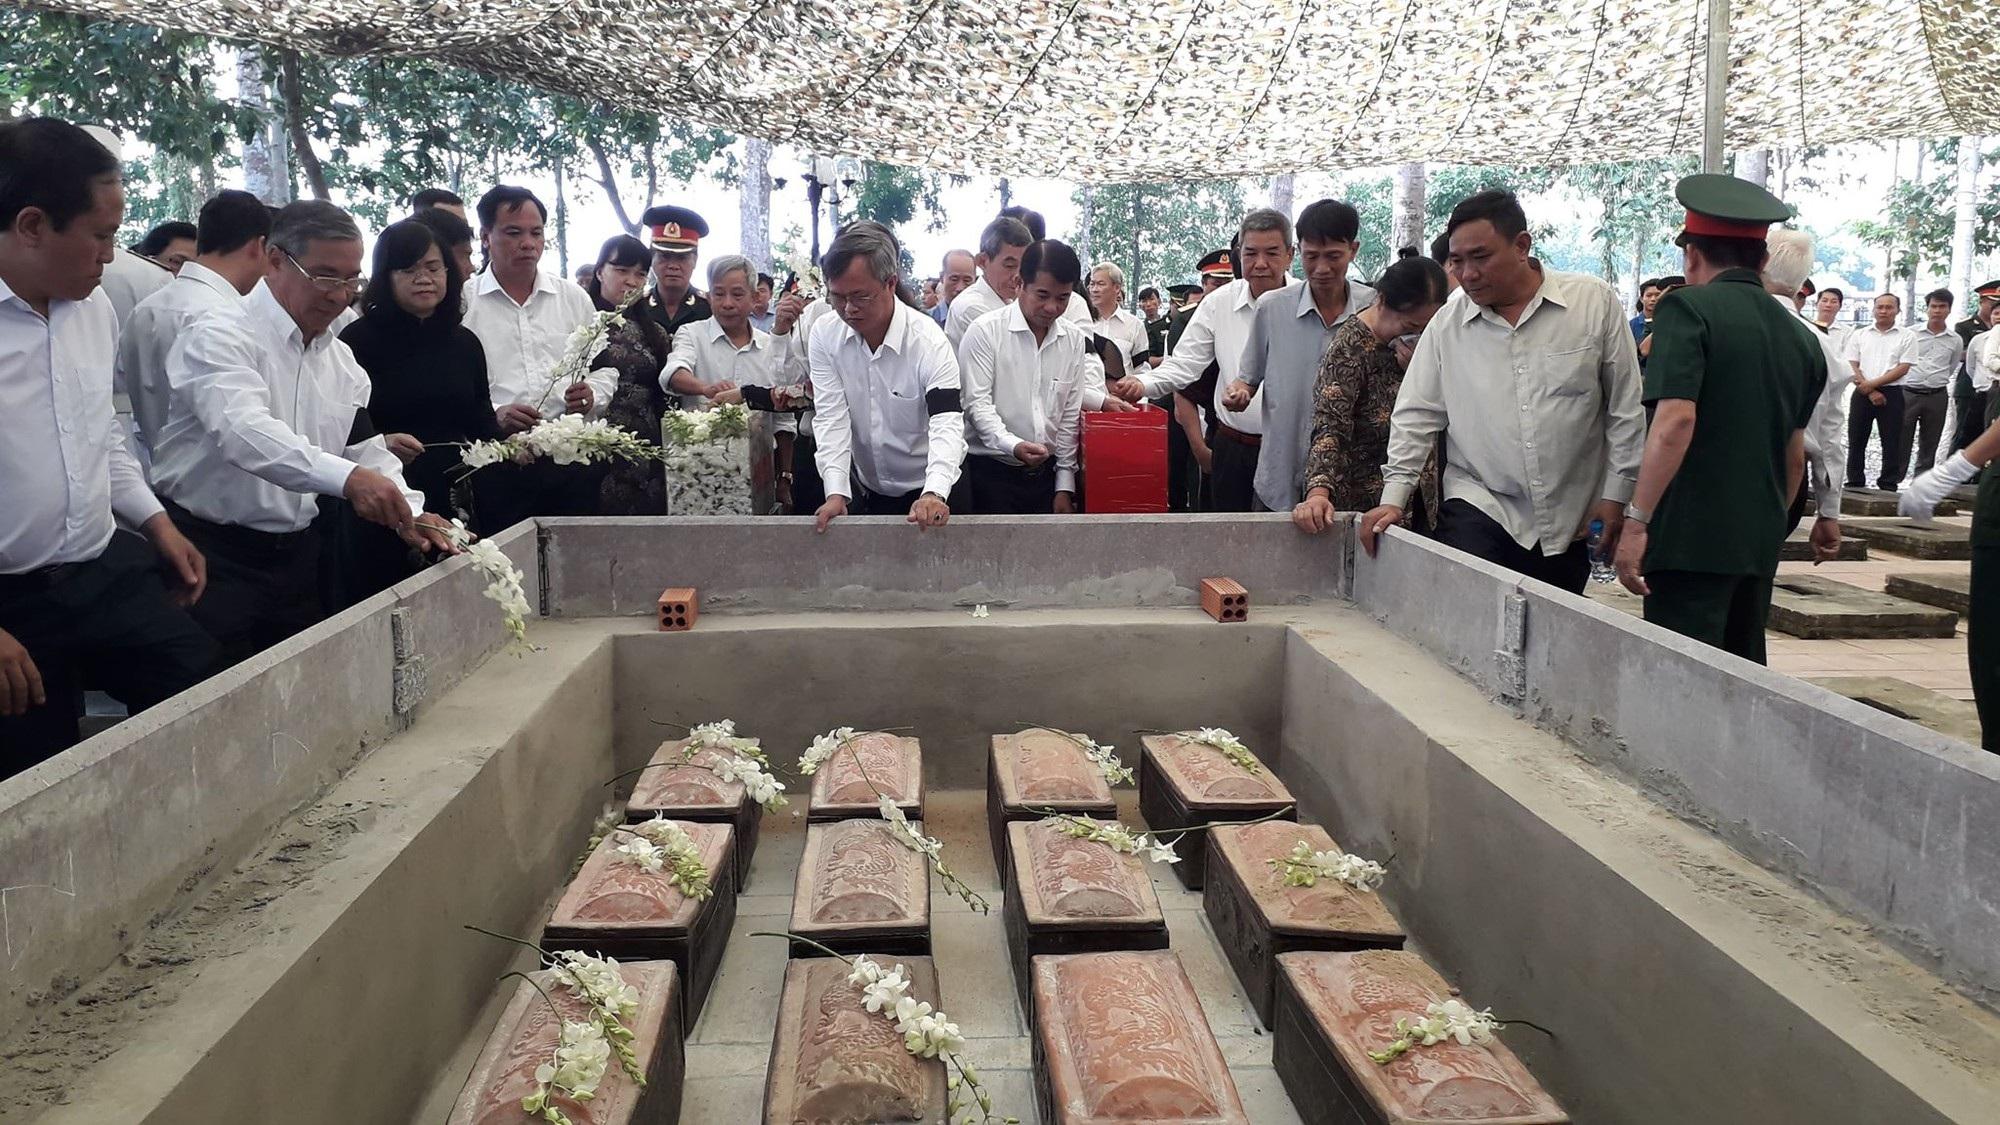 An táng 13 hài cốt liệt sĩ tìm thấy trong rẫy nhà dân - Ảnh 2.